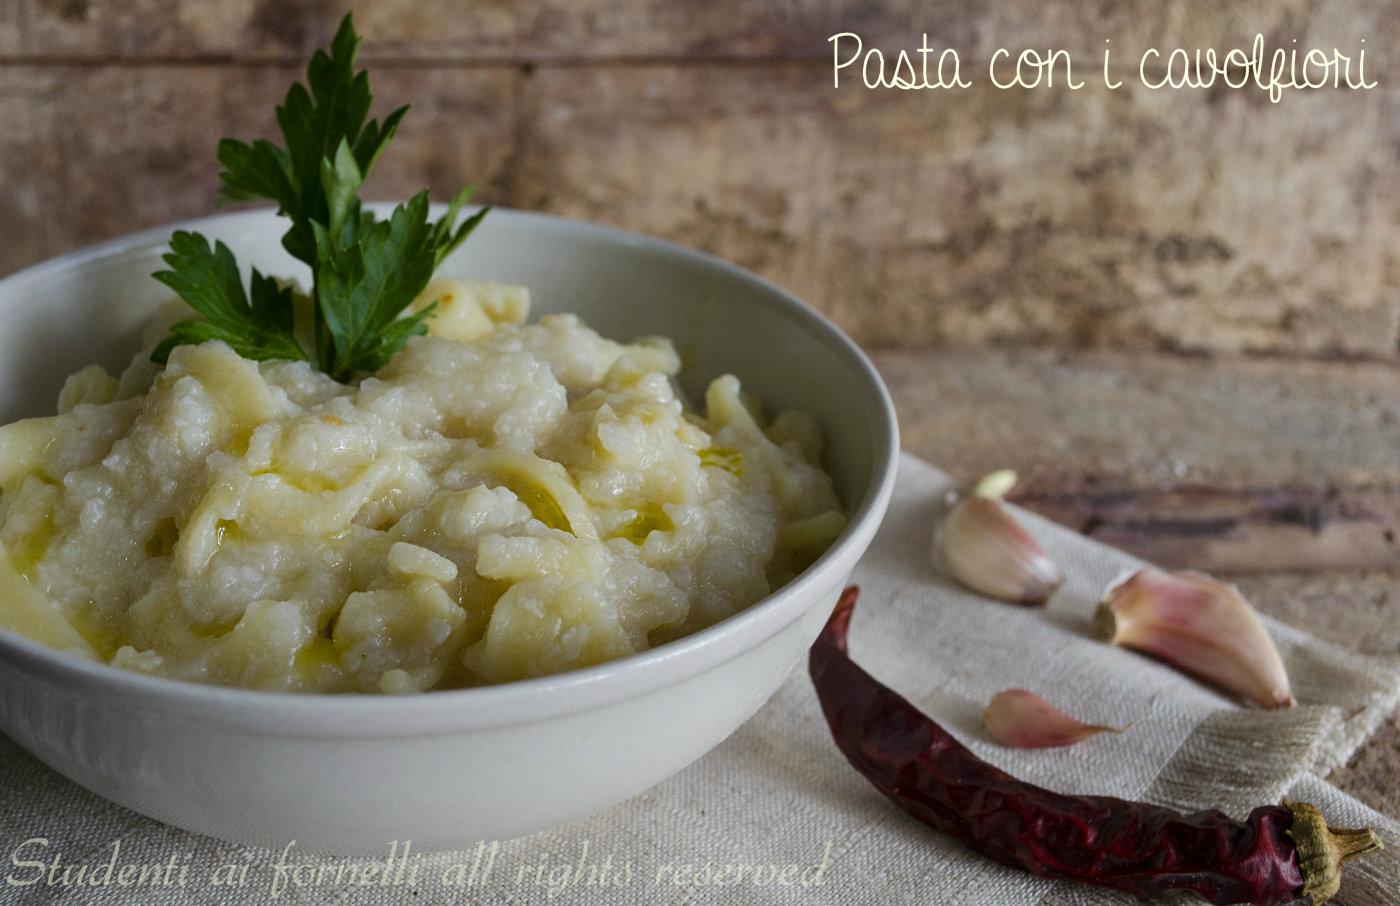 pasta con i cavolfiori ricetta primo piatto gustoso con cavoli vegetariana facile e veloce